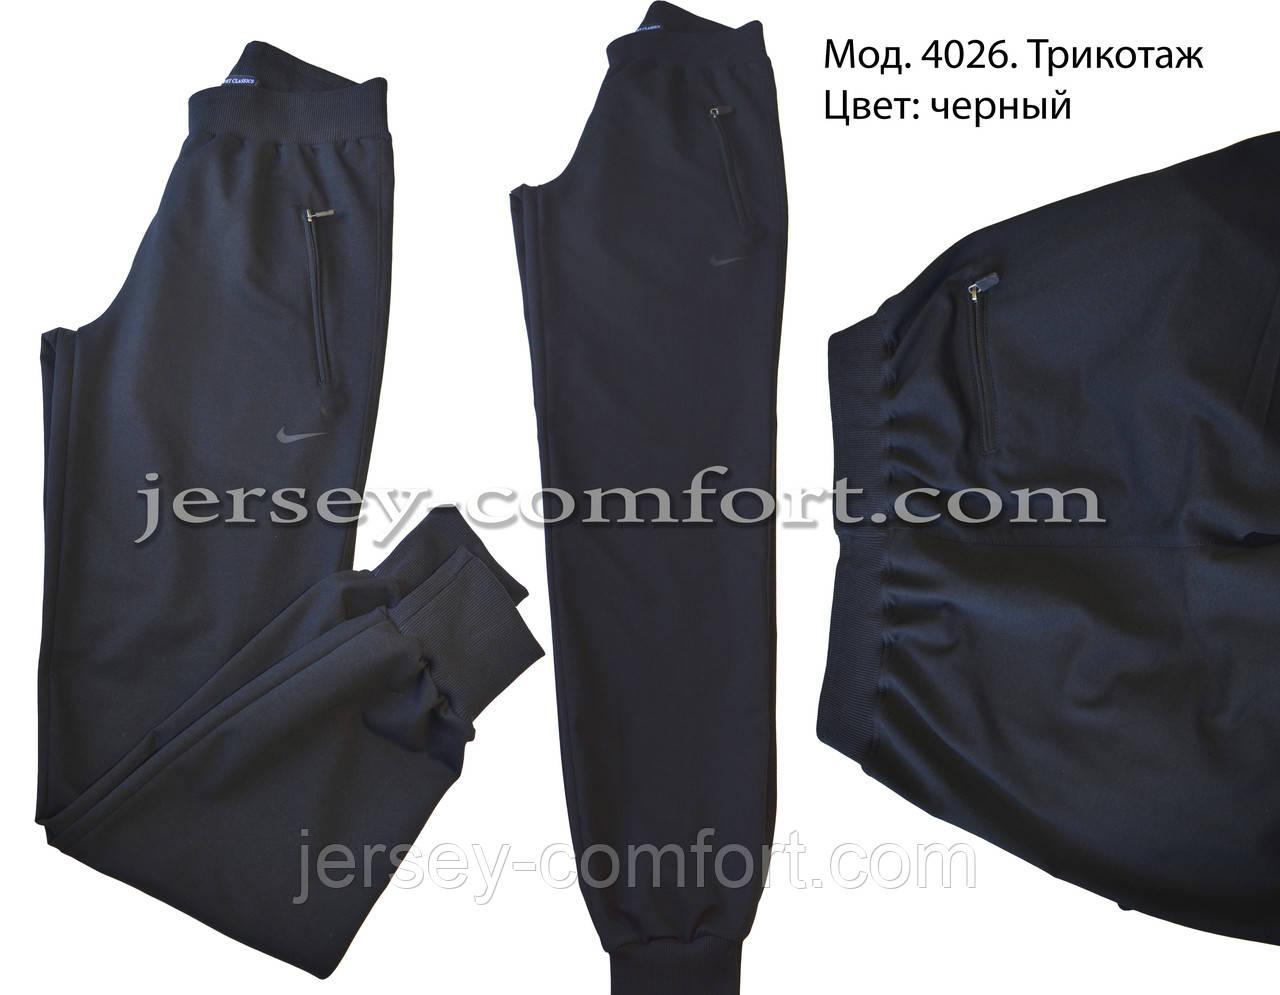 Спортивные брюки мужские, манжет Мод. 4026.